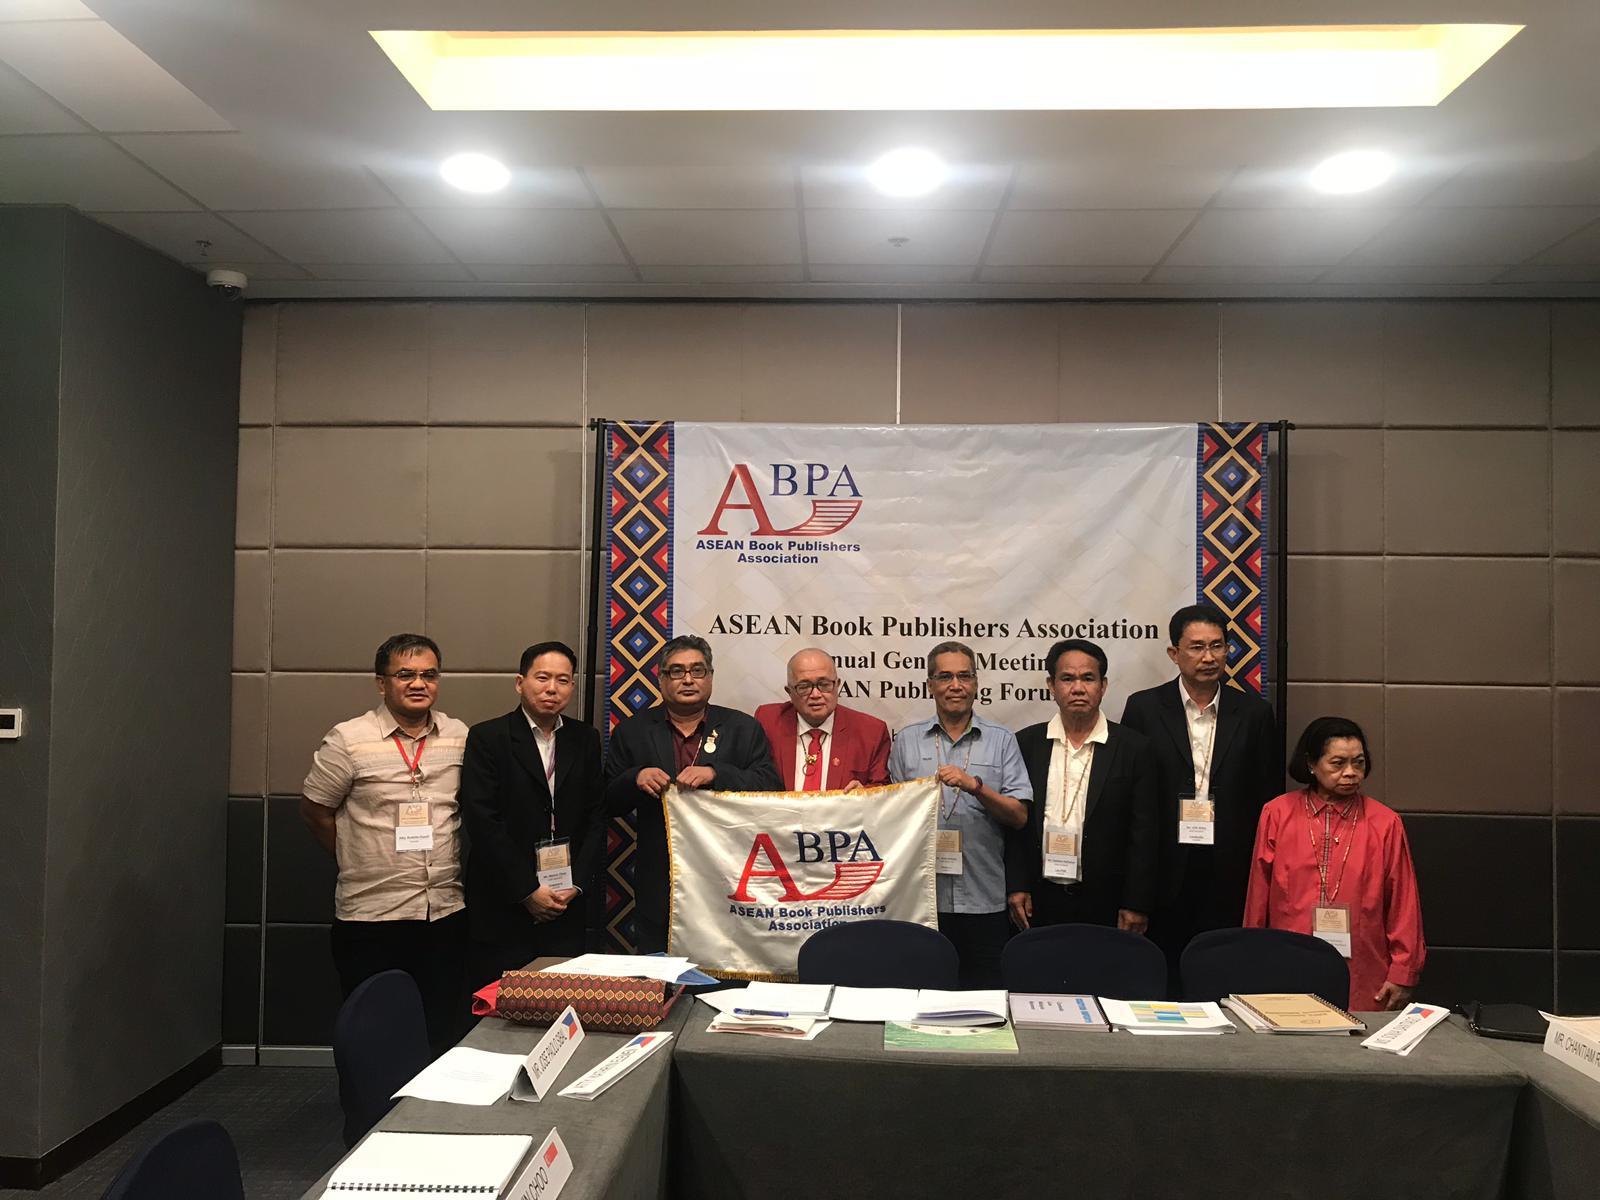 [ThaiHaBooks] Lào và Campuchia đã chính thức trở thành thành viên Hiệp hội Xuất bản ASEAN